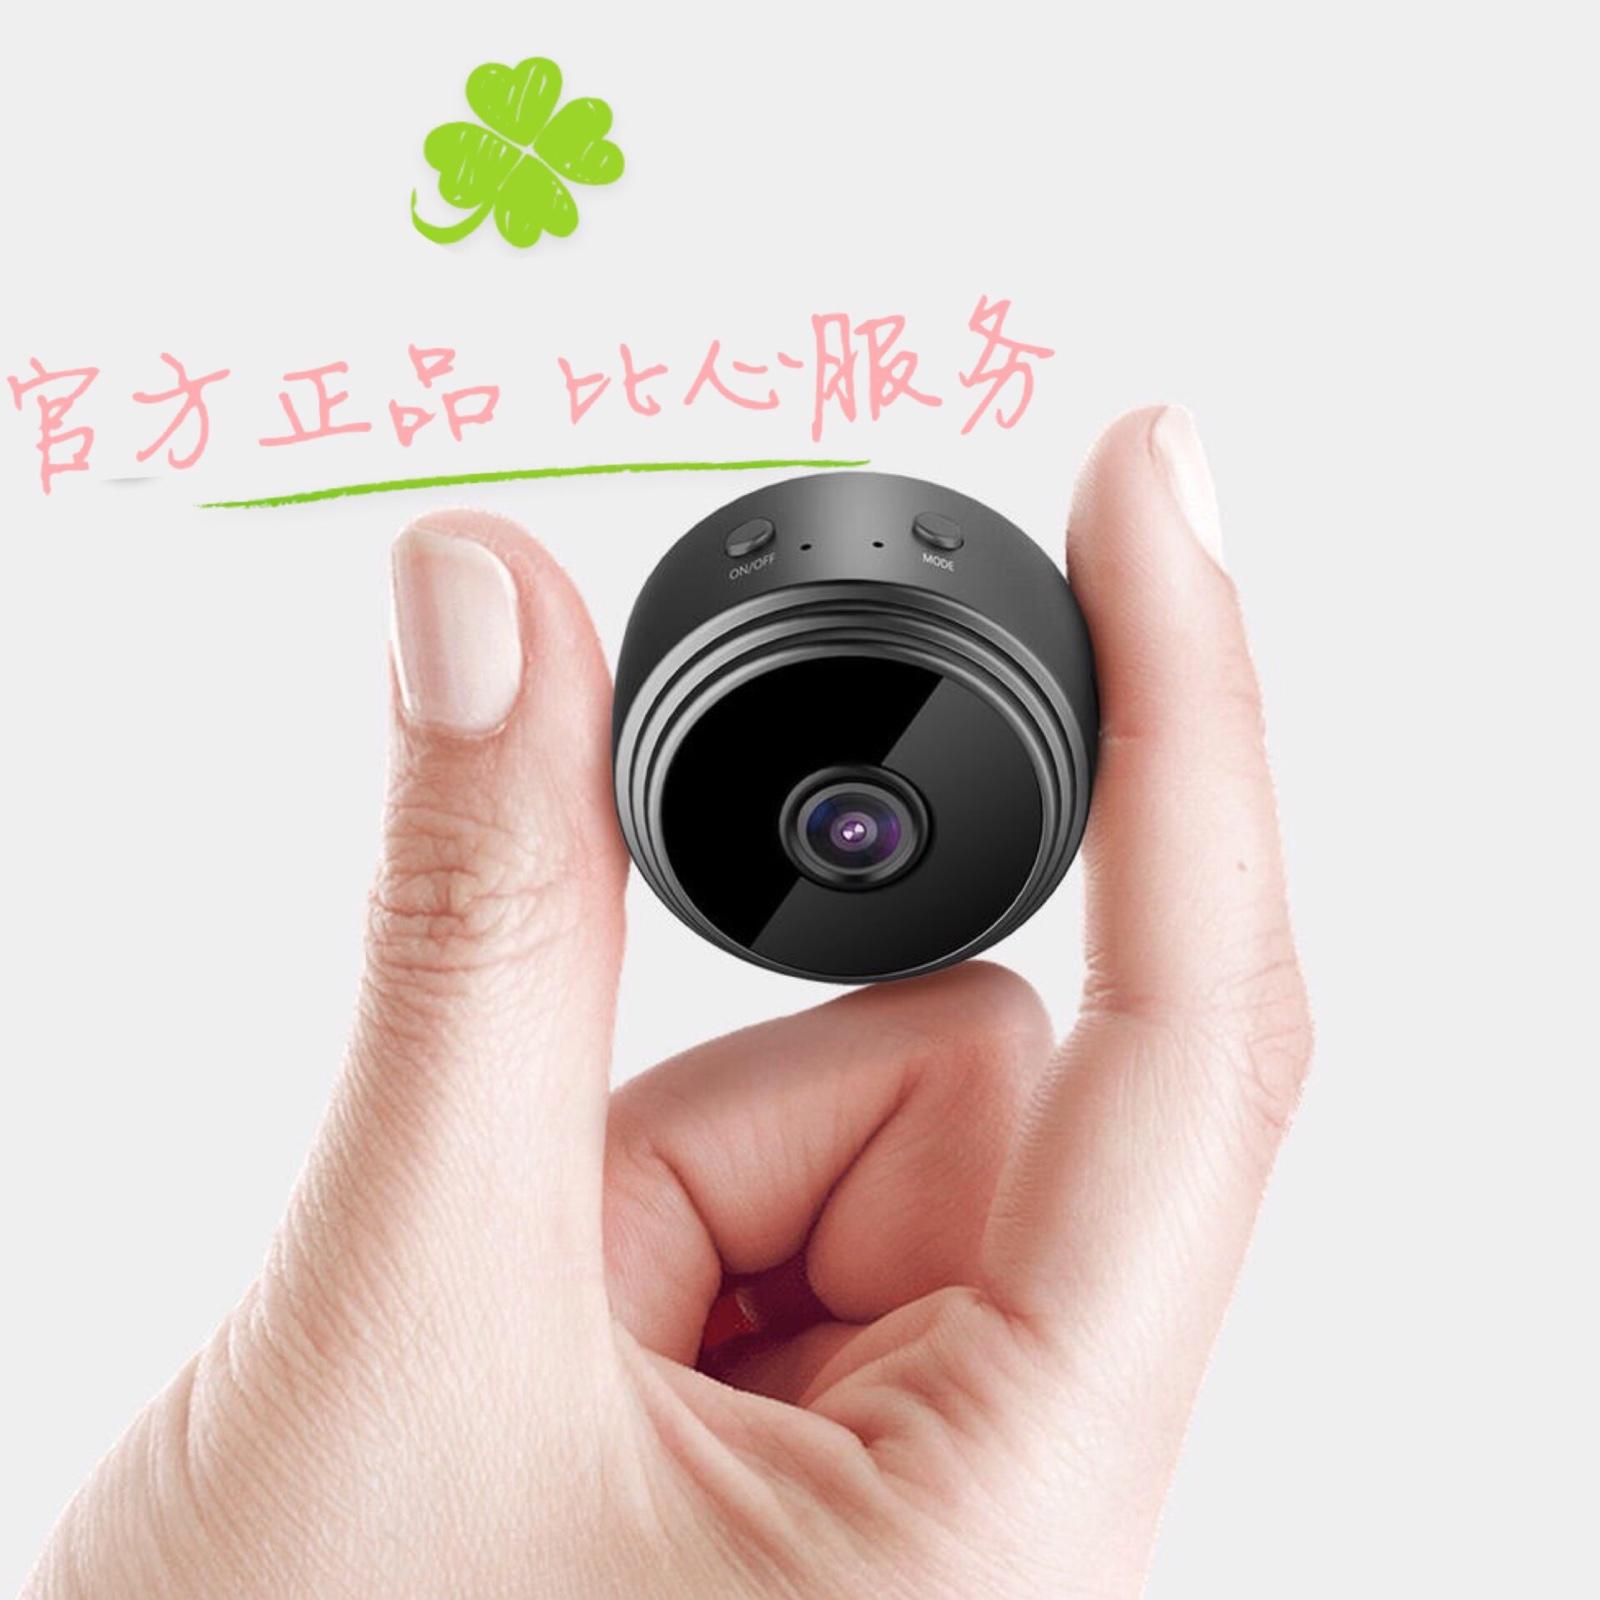 Neorb黑眼微豆无线网络高清监控指尖摄像机 拍摄神器监控记录仪